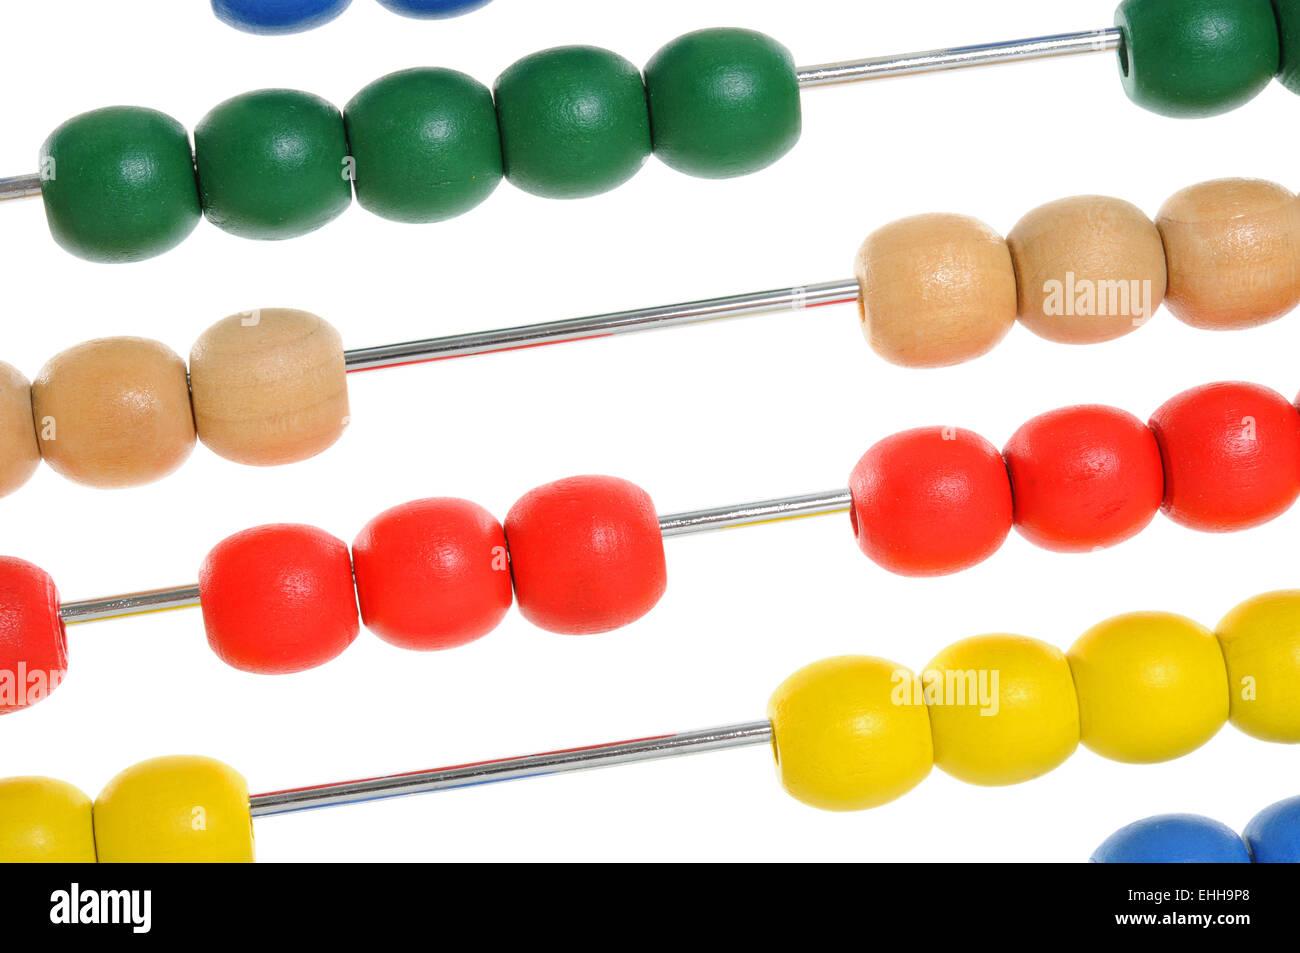 Abakus / Abacus Stock Photo